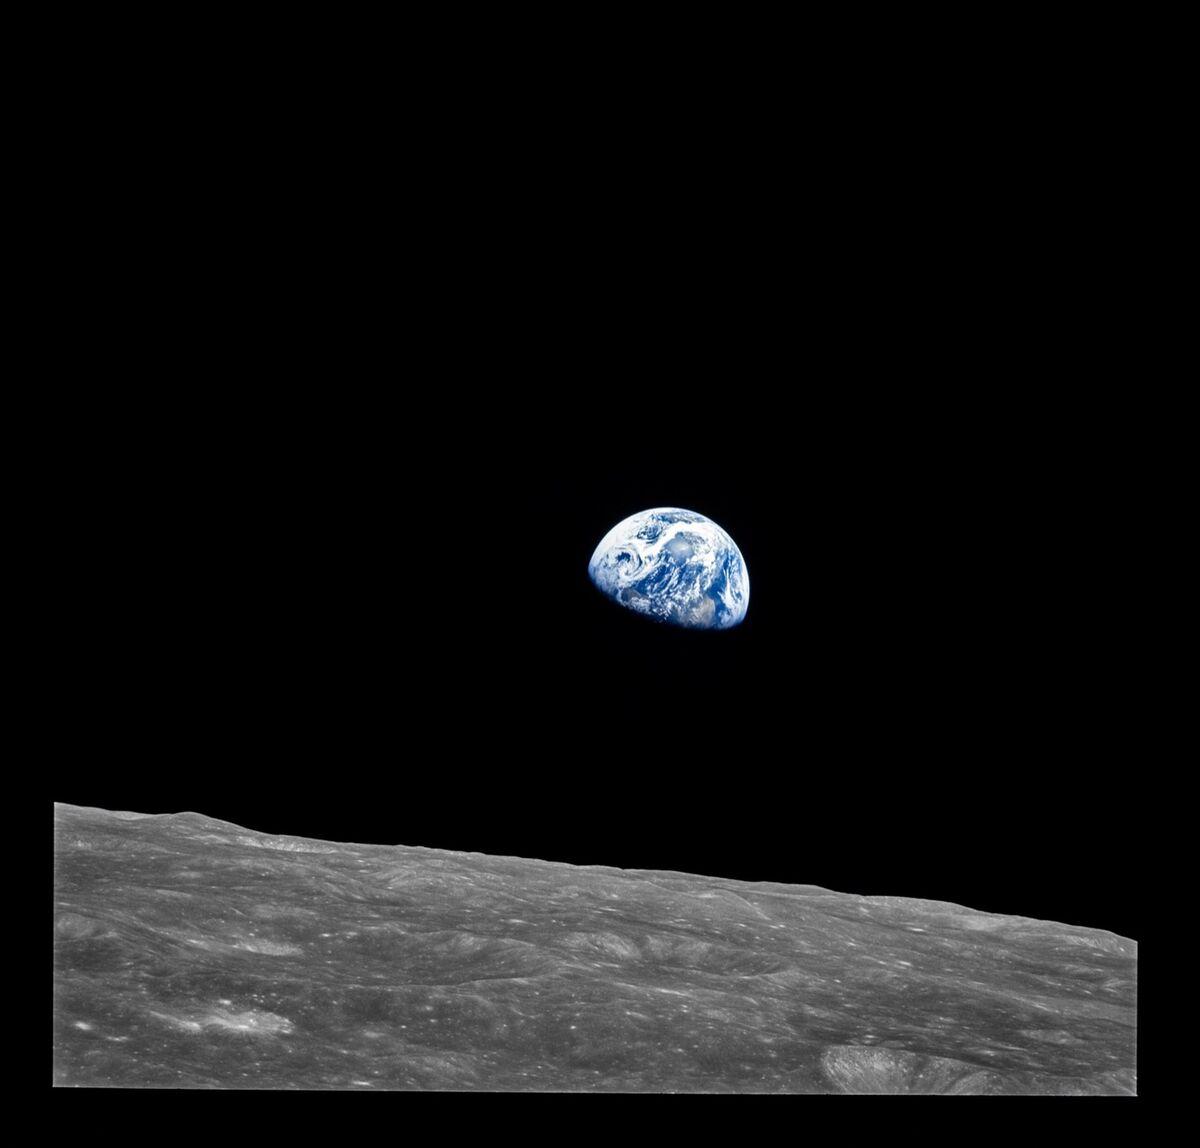 Earthrise, taken from lunar orbit, Apollo 8. Image from the book Apollo VII–XVII. Courtesy of NASA.